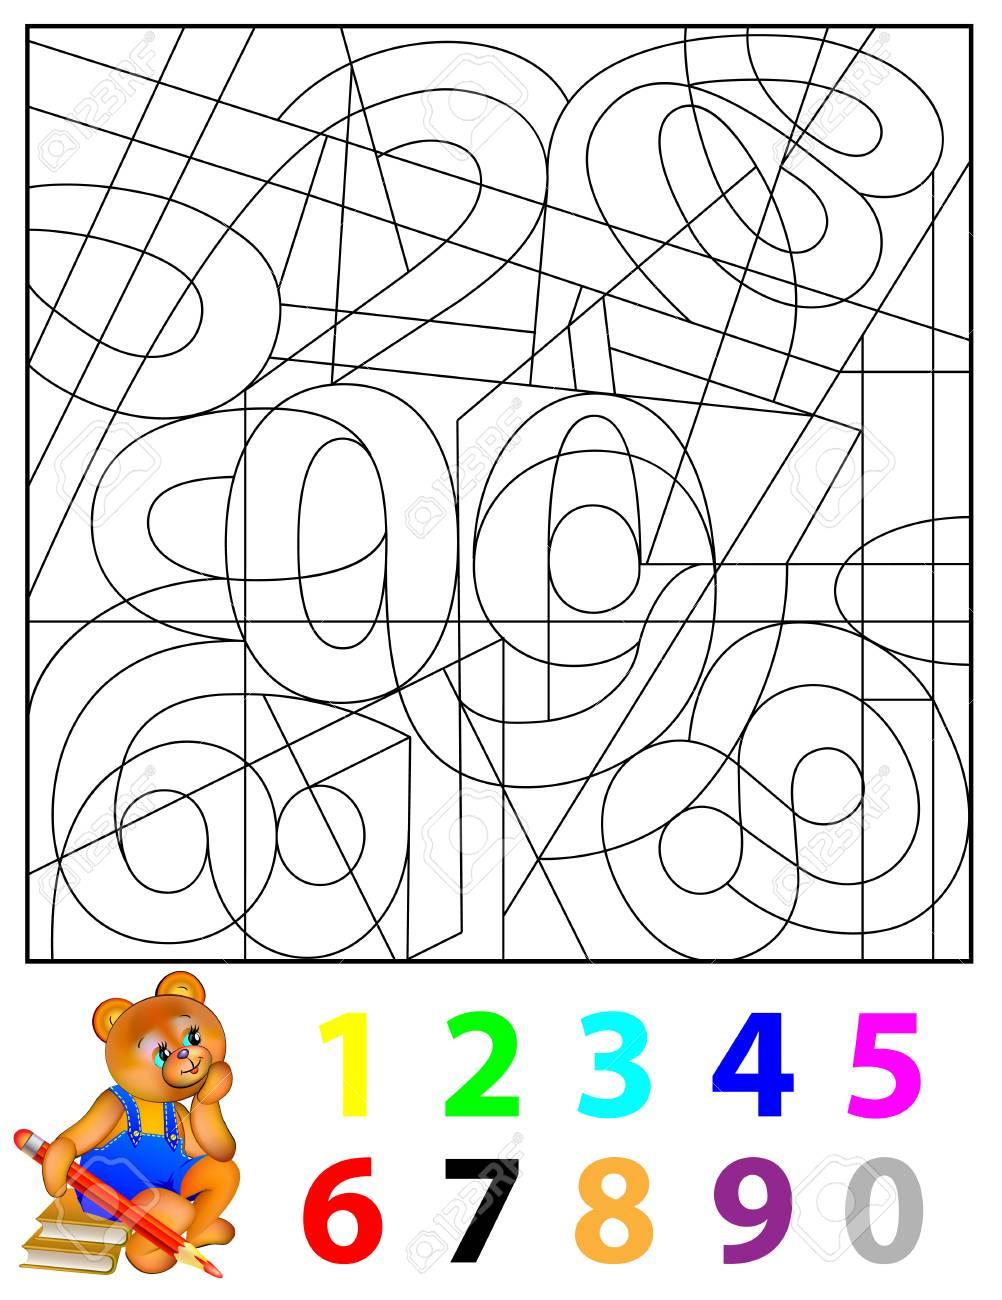 Logikübung Für Kleine Kinder. Müssen Die Versteckten Zahlen Finden ...